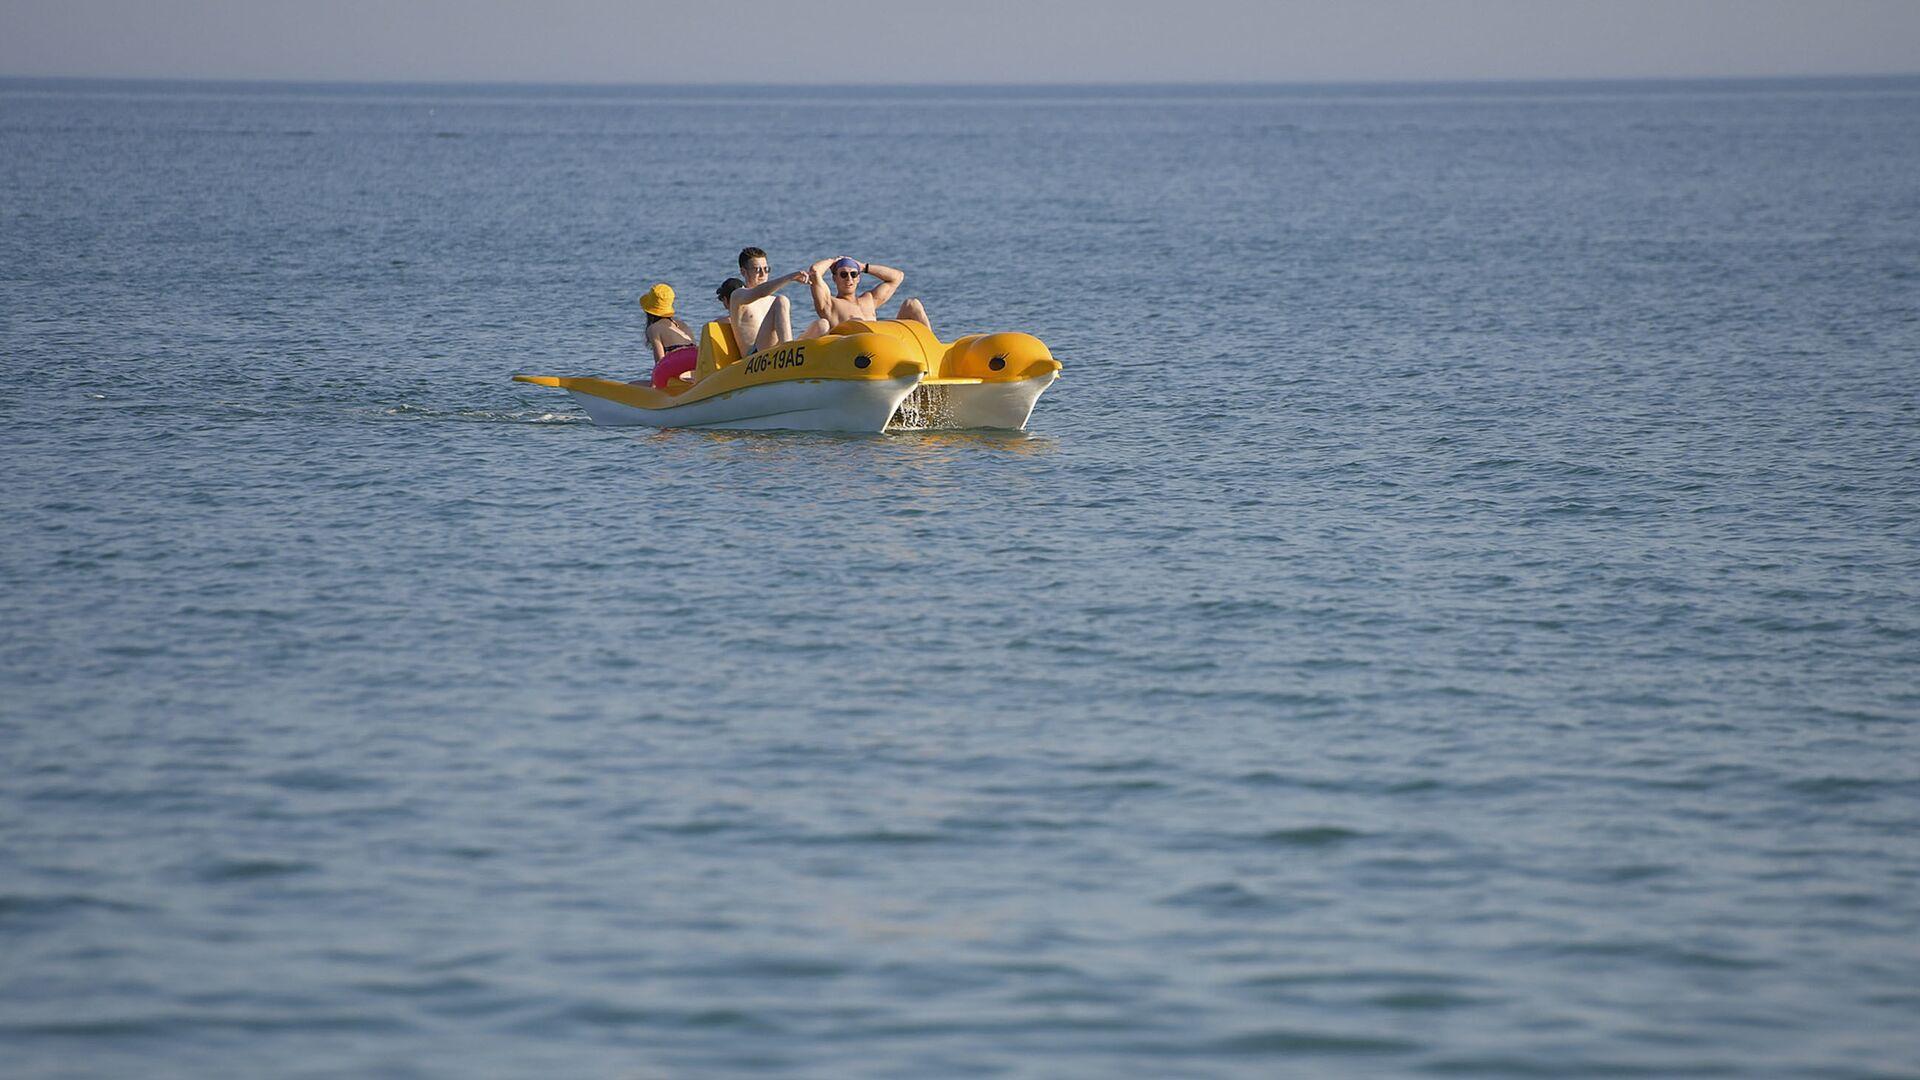 Туристы плавают на катамаране в море  - Sputnik Абхазия, 1920, 18.08.2021